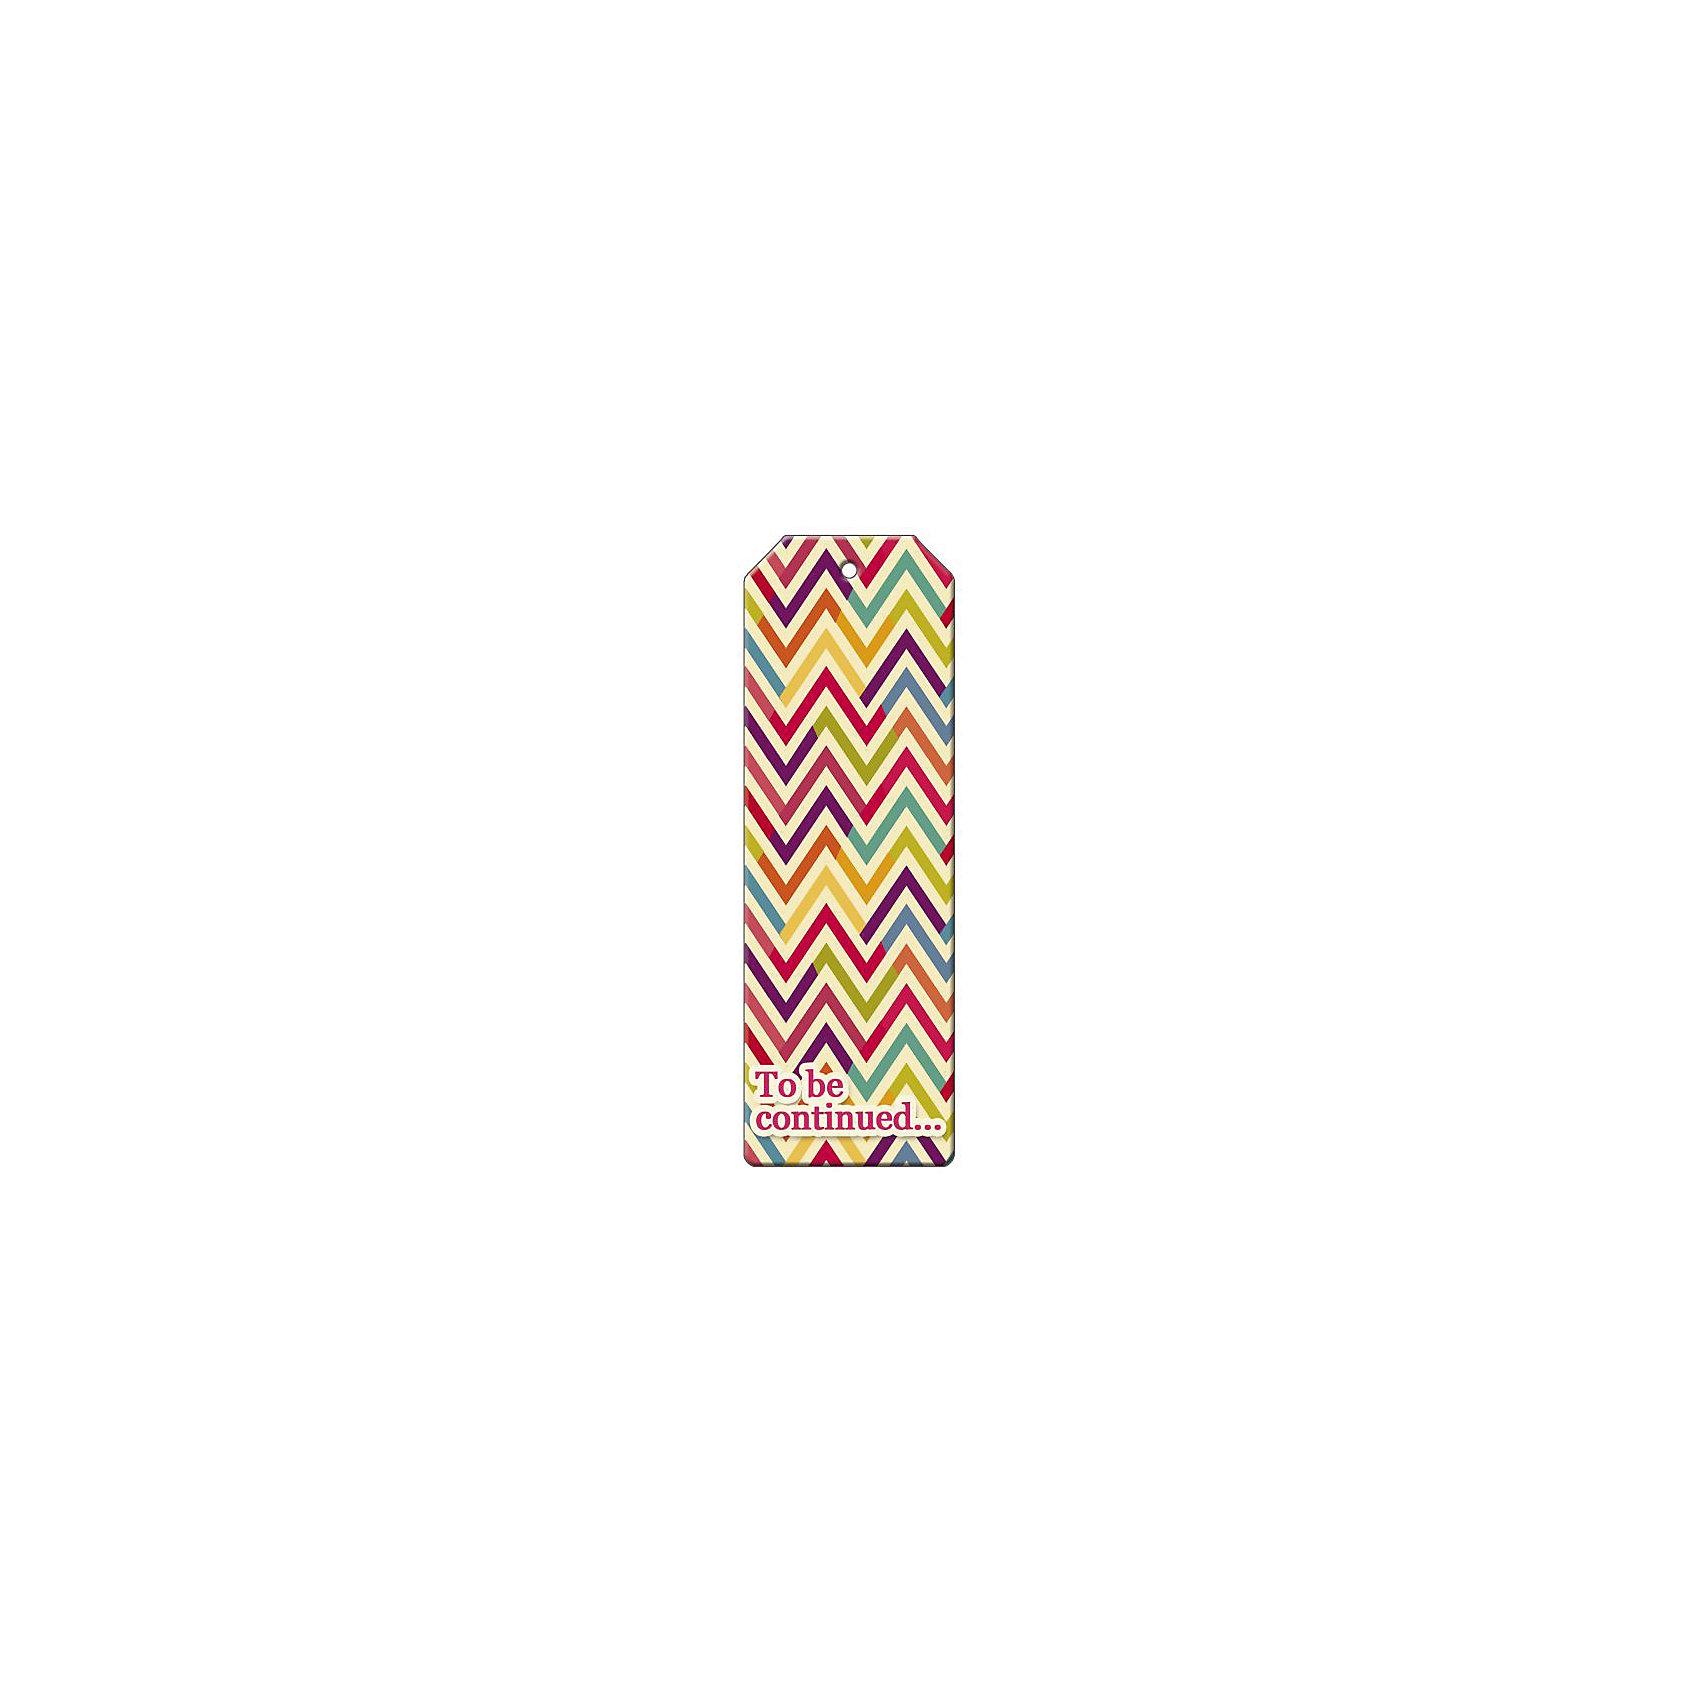 Закладка для книг декоративная Разноцветный зигзагШкольные аксессуары<br>Характеристики декоративной закладки для книг Разноцветный зигзаг:<br><br>• тип: закладка<br>• материал: металл<br>• длина:15 см<br>• размеры: 19 x 6 x 0.5 см <br>• упаковка: пакет<br>• вес в упаковке, 45 г<br>• страна-изготовитель: Китай<br><br>Декоративная закладка для книг Разноцветный зигзаг выполнена из черного окрашенного металла. Изделие по достоинству оценят любители книг, также подойдет в качестве оригинального подарка.<br><br>Декоративную закладку для книг Разноцветный зигзаг можно купить в нашем интернет-магазине.<br><br>Ширина мм: 150<br>Глубина мм: 50<br>Высота мм: 10<br>Вес г: 31<br>Возраст от месяцев: 48<br>Возраст до месяцев: 144<br>Пол: Унисекс<br>Возраст: Детский<br>SKU: 5479440